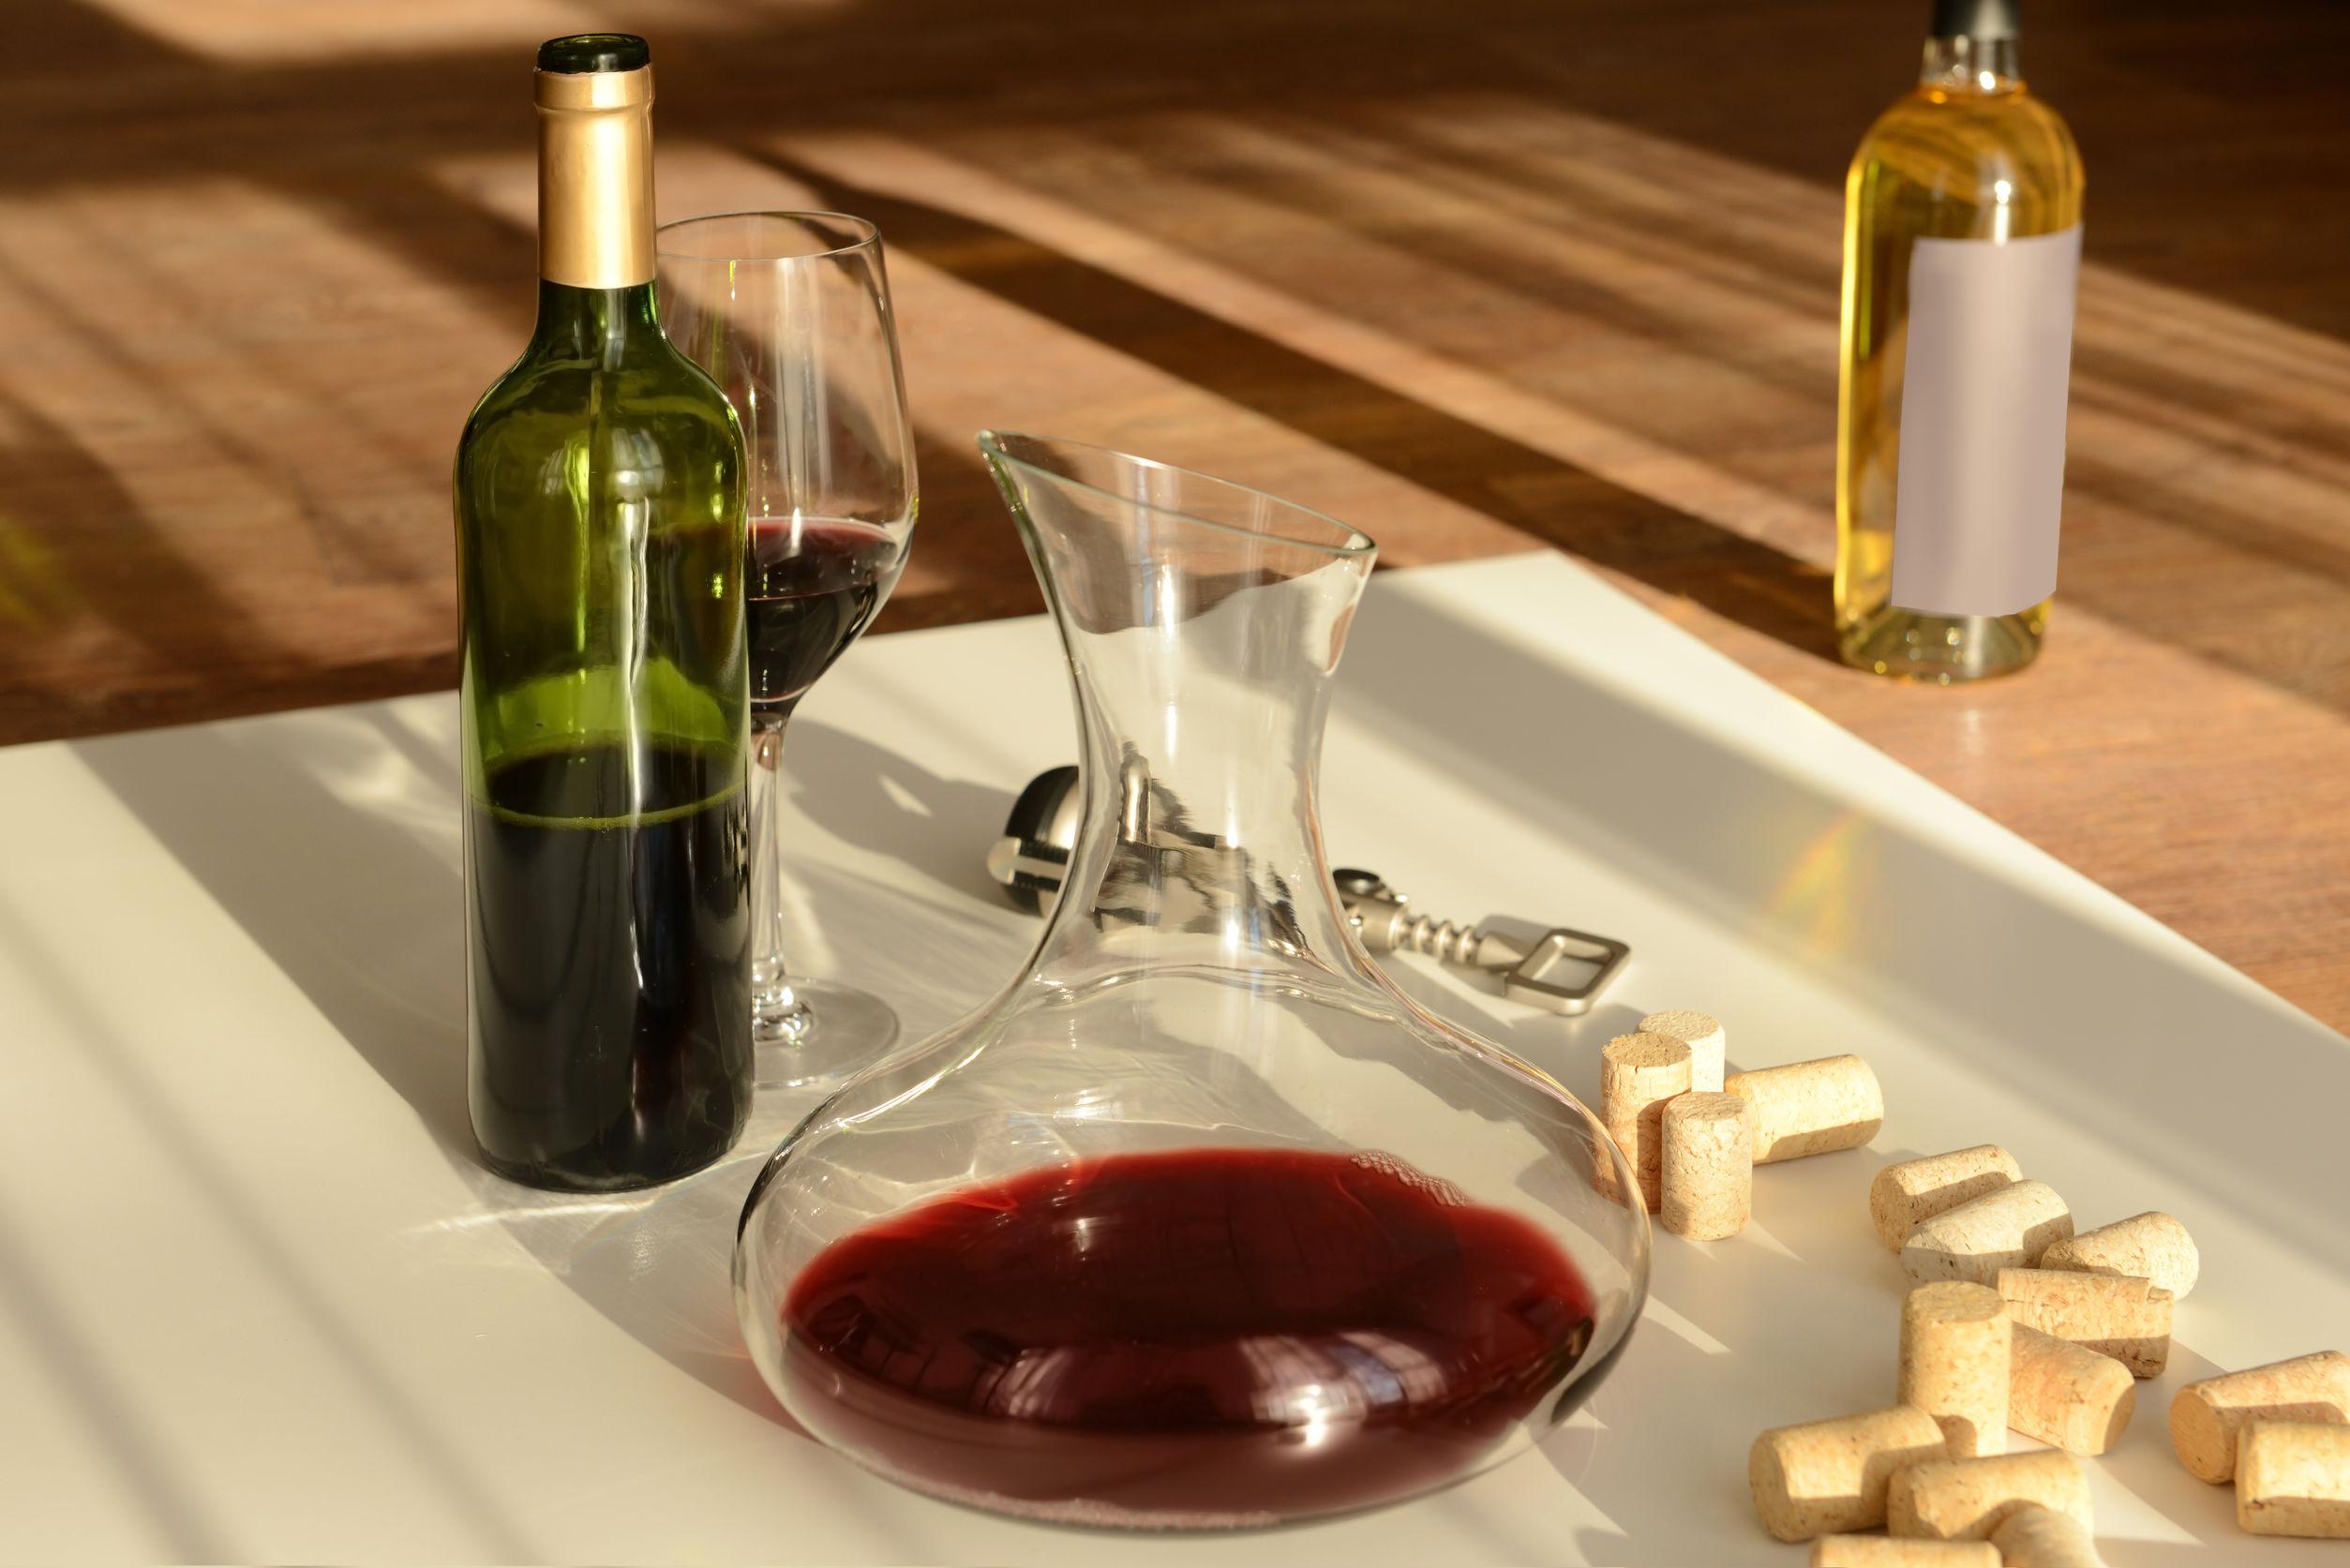 decanter de vinho em bancada com garrafas e rolhas